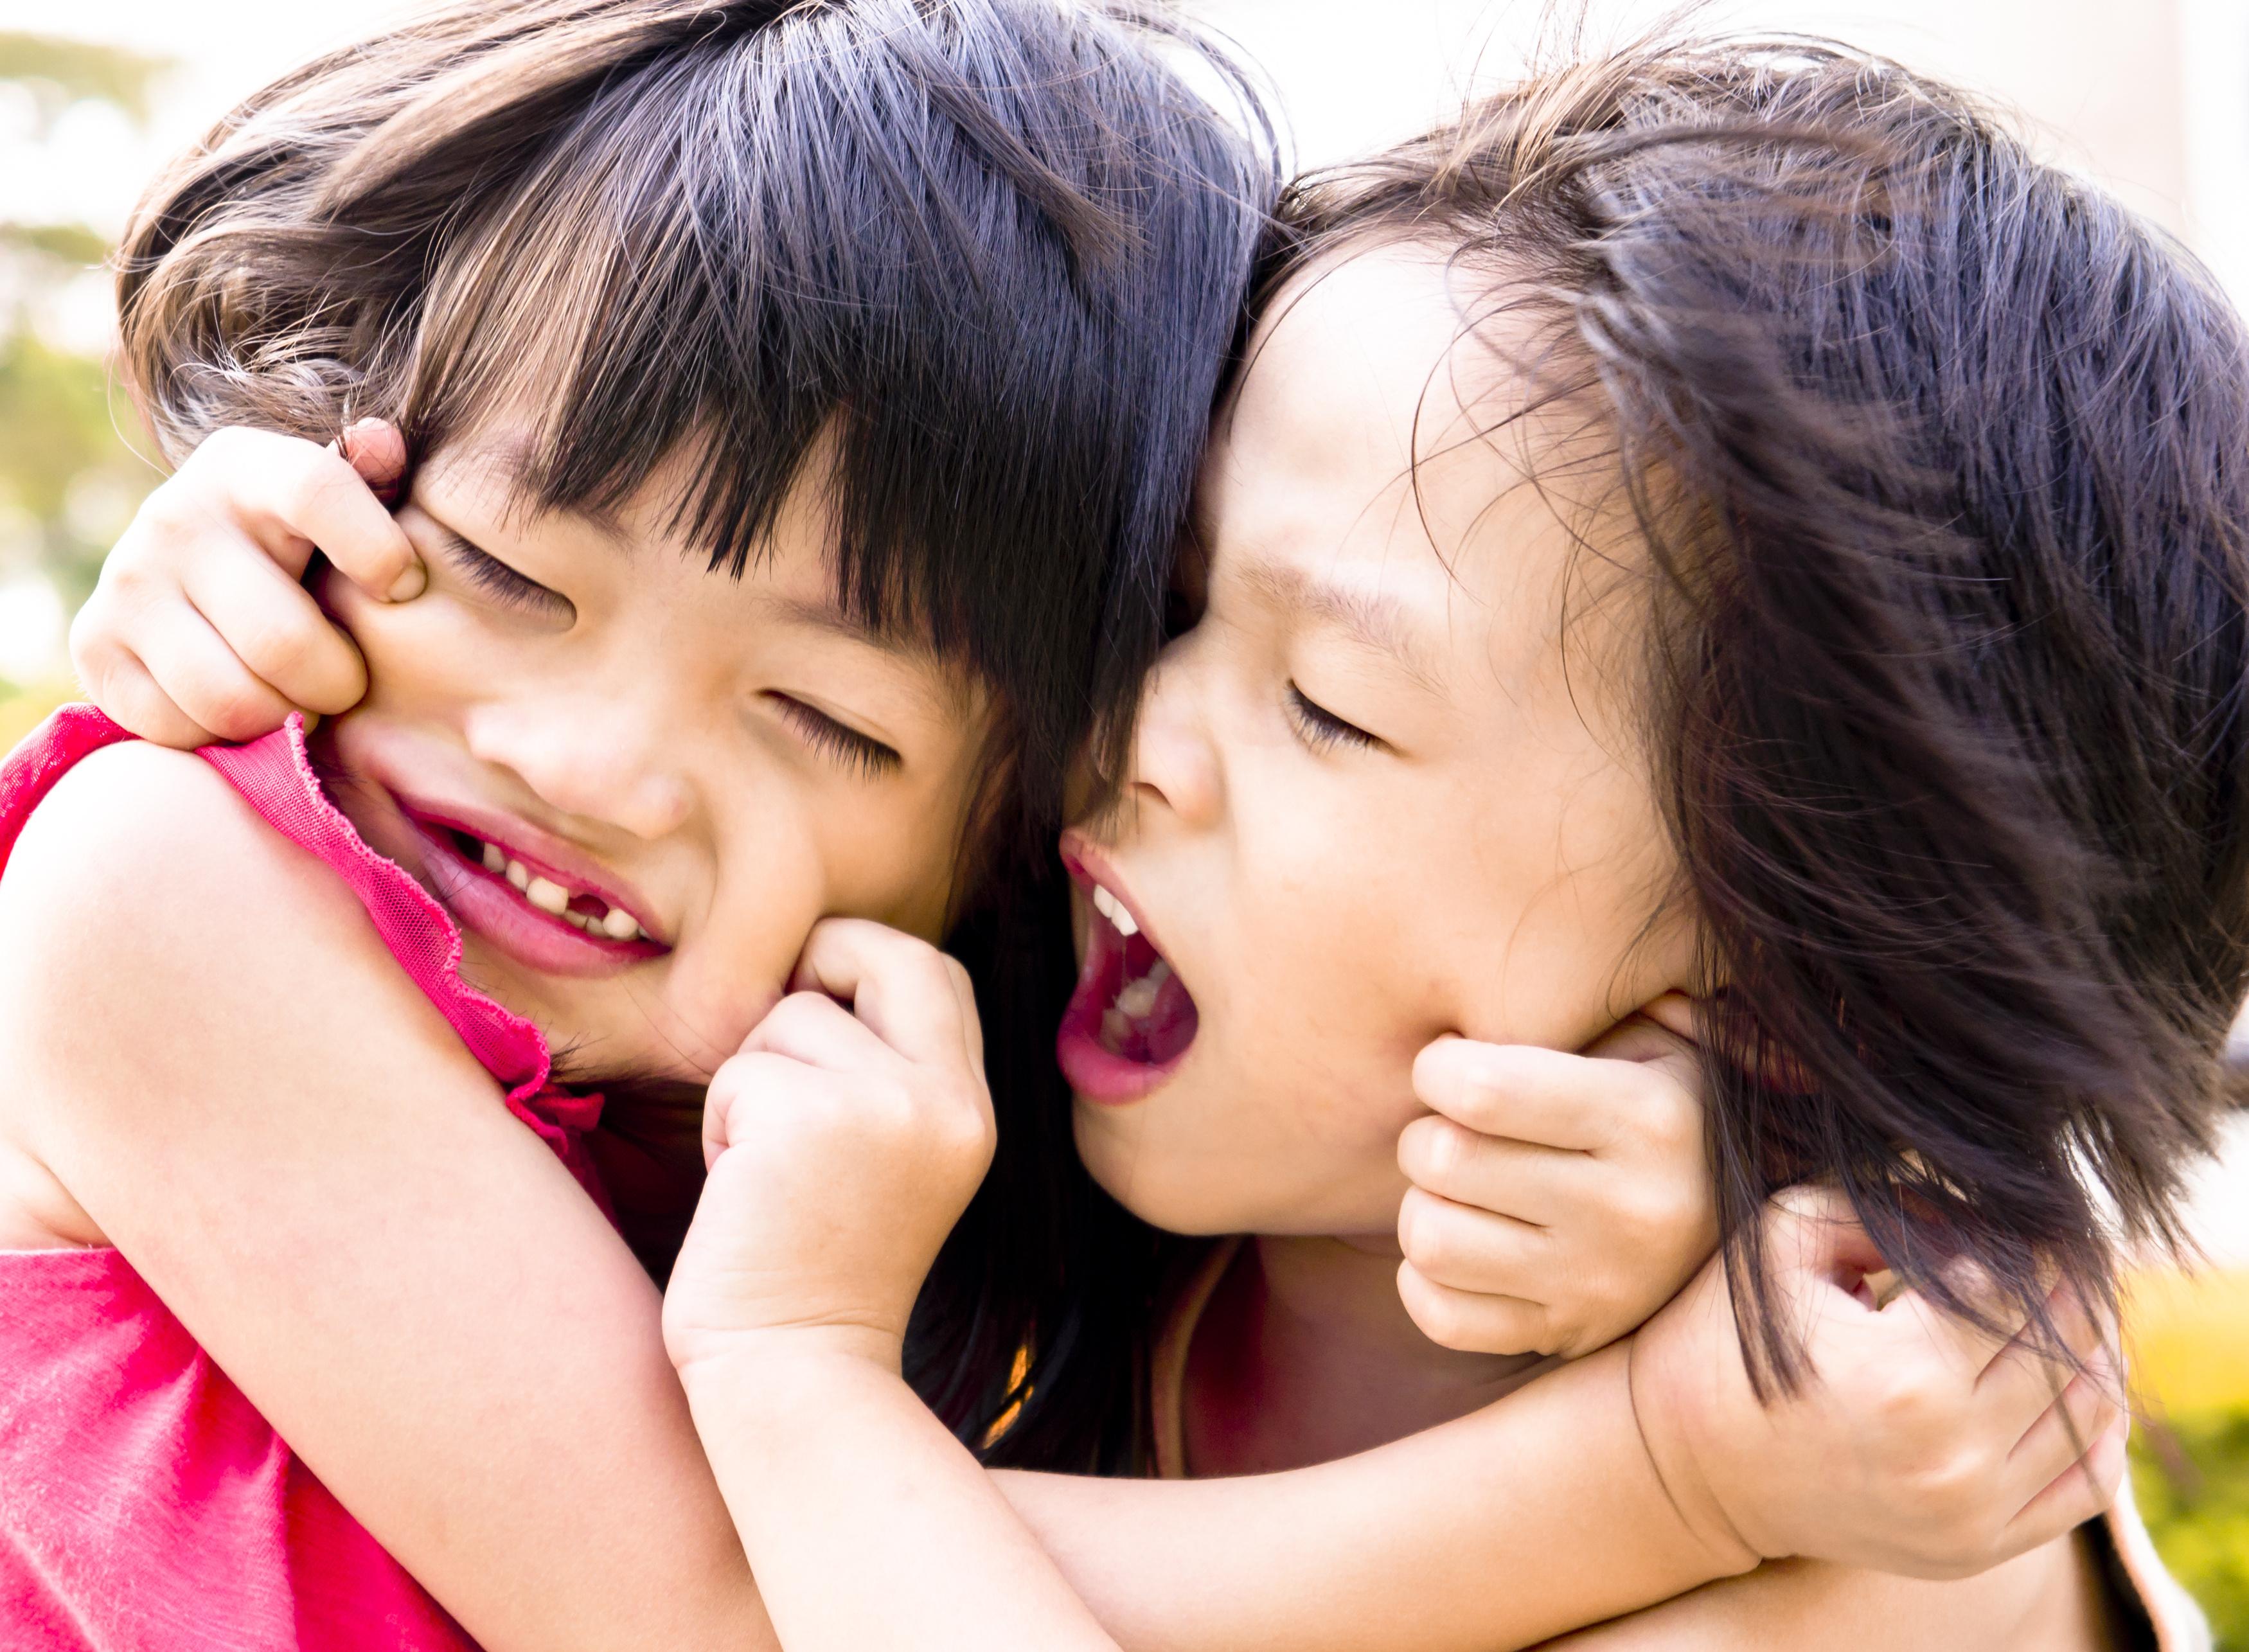 Sibling playing